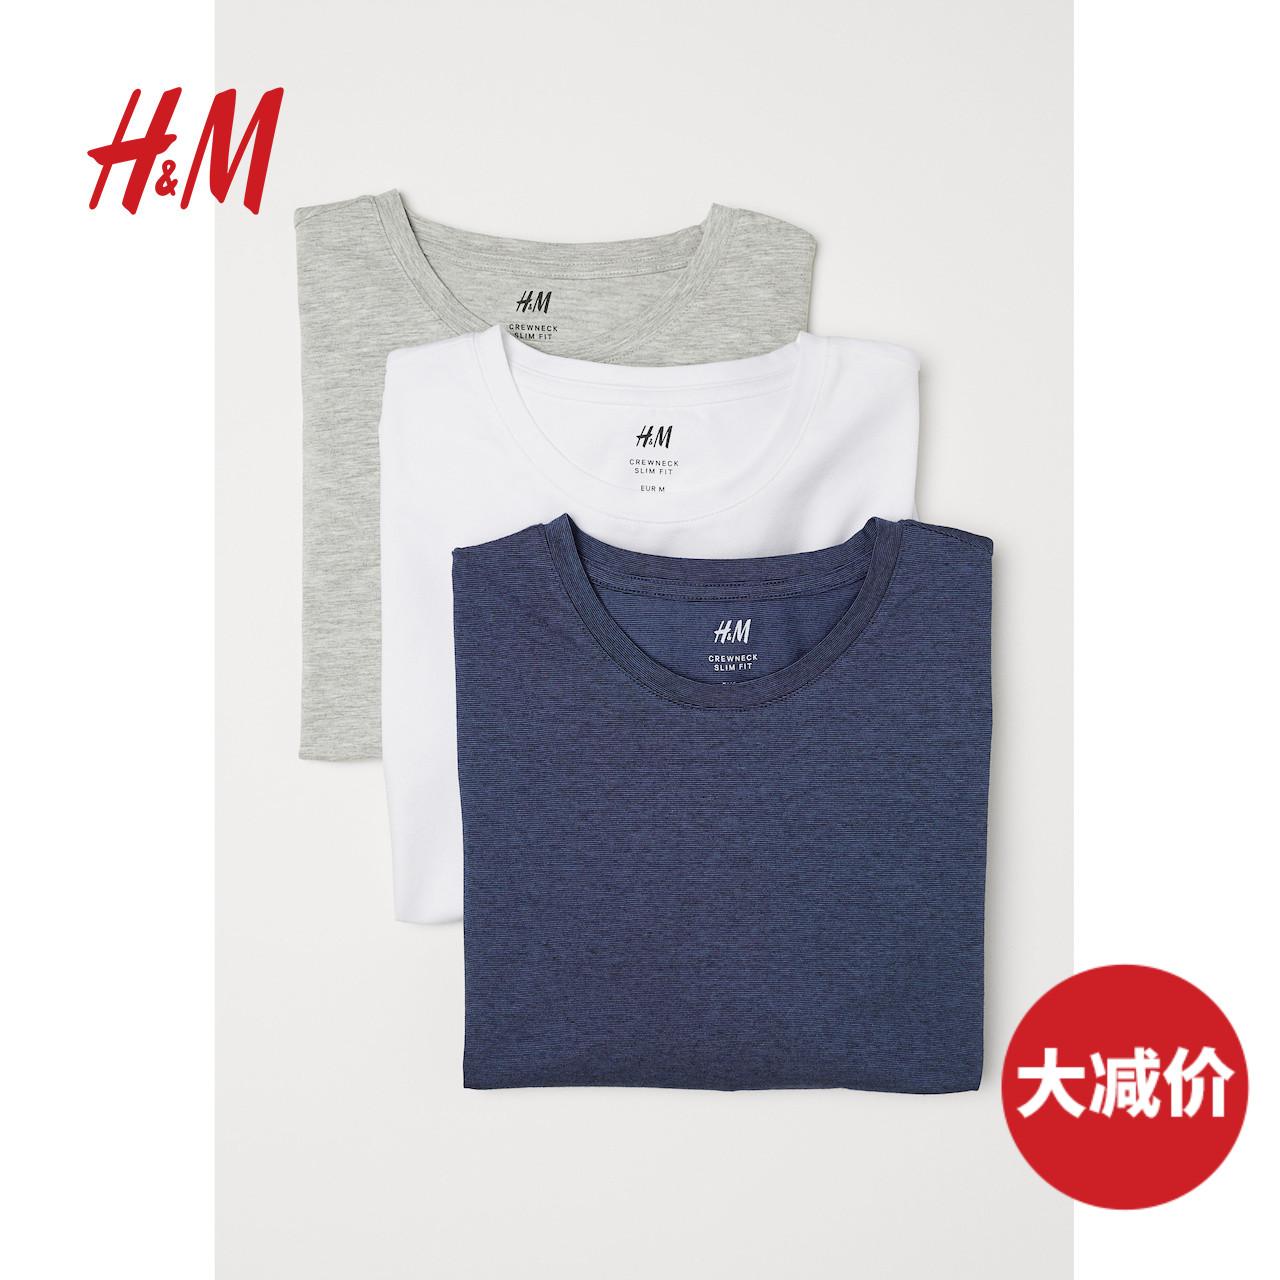 H&M男装长袖T恤男3件装 修身圆领长袖上衣男潮牌衣服HM0578626